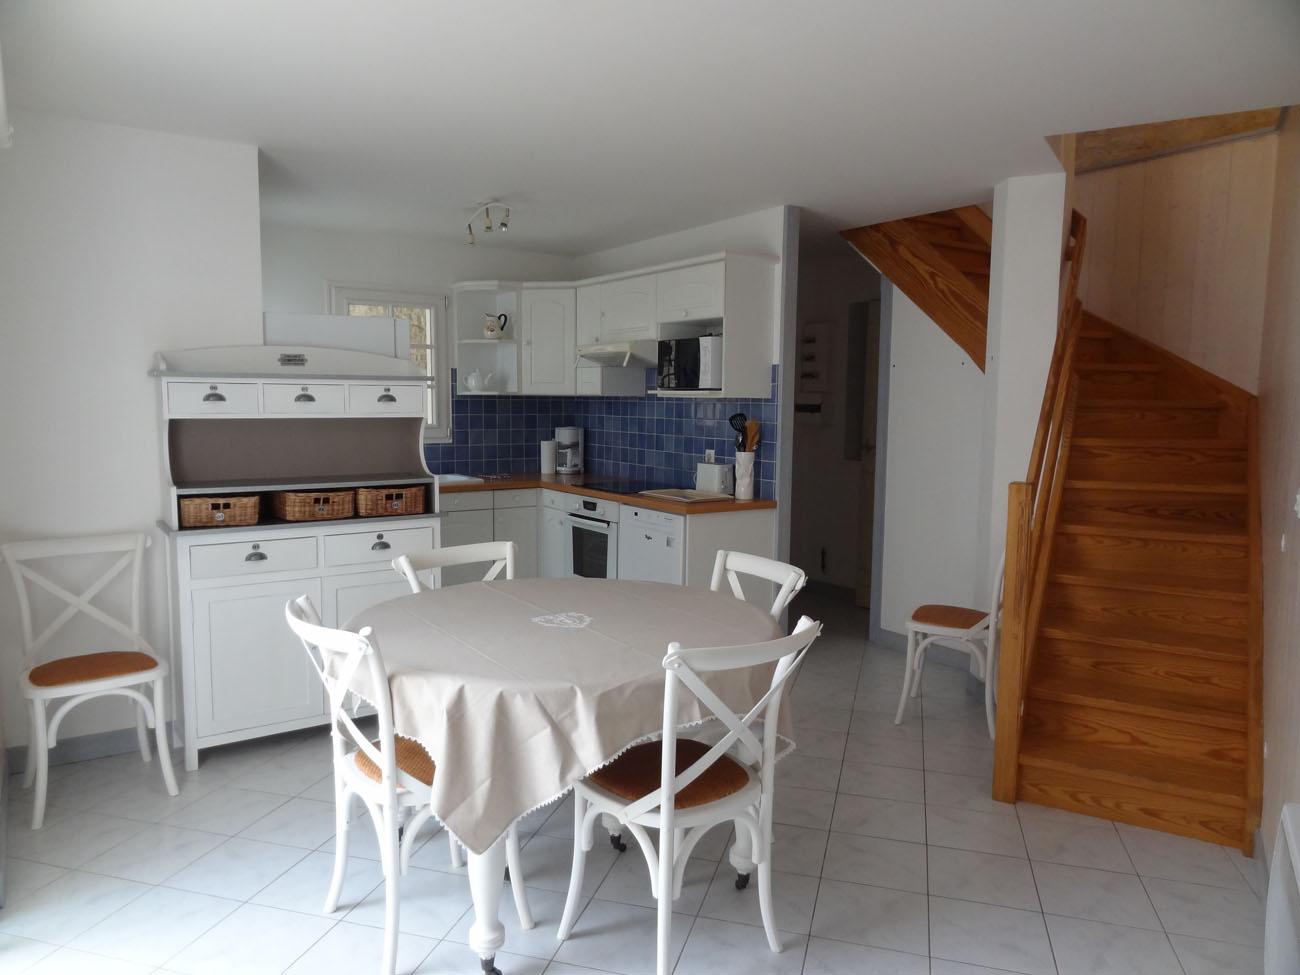 Location Maison Ile de Ré - Marceane - Salle à Manger